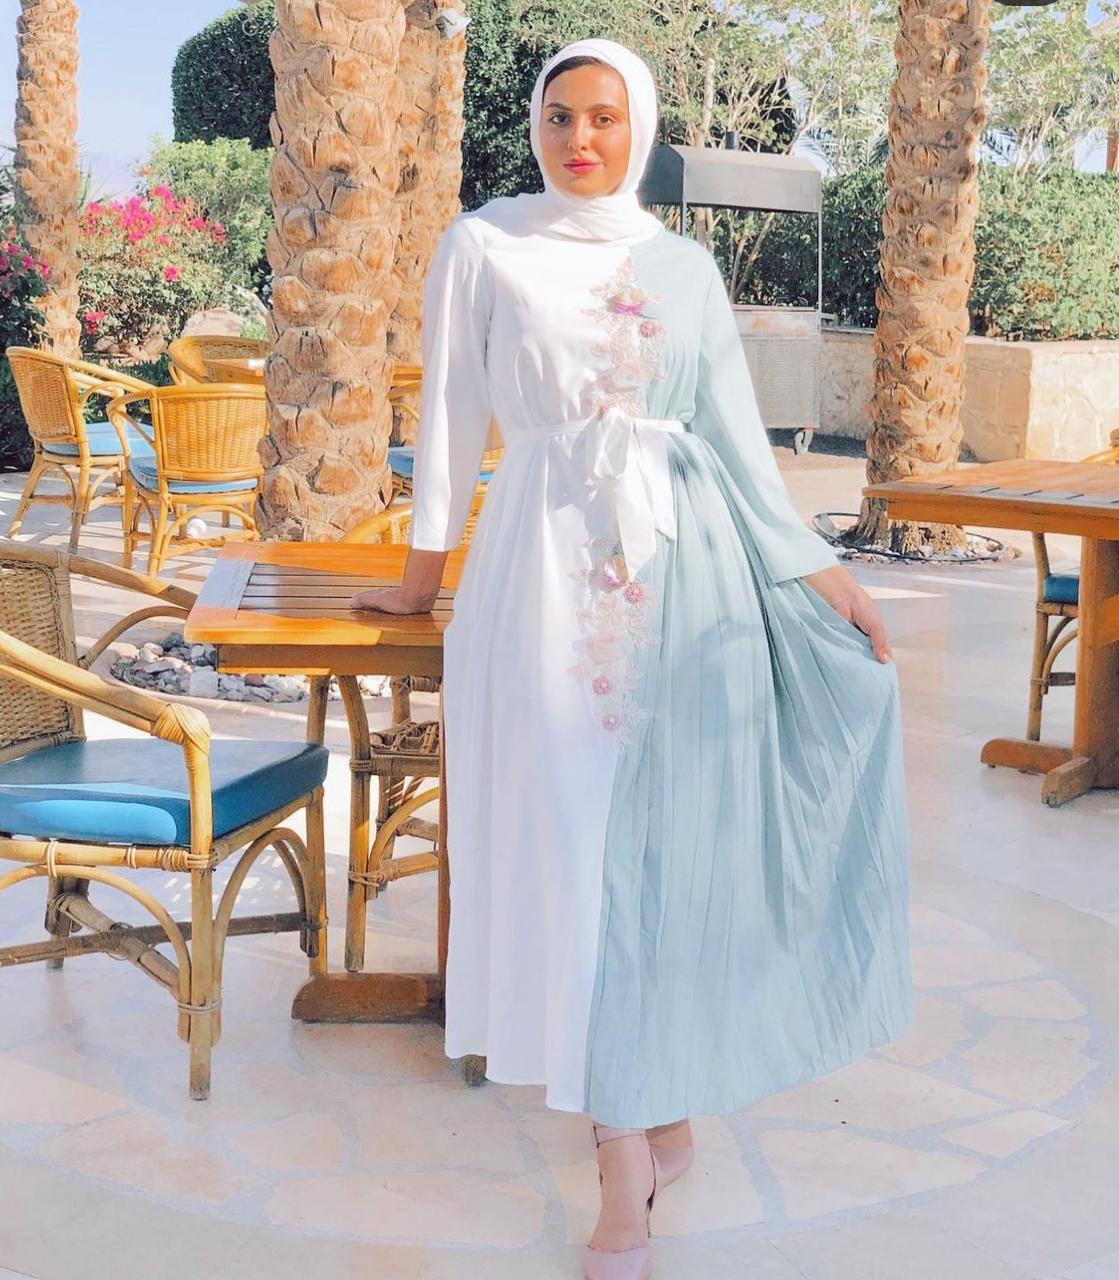 مريم حسن بفساتين بلونين -الصورة من حسابها على الانستغرام